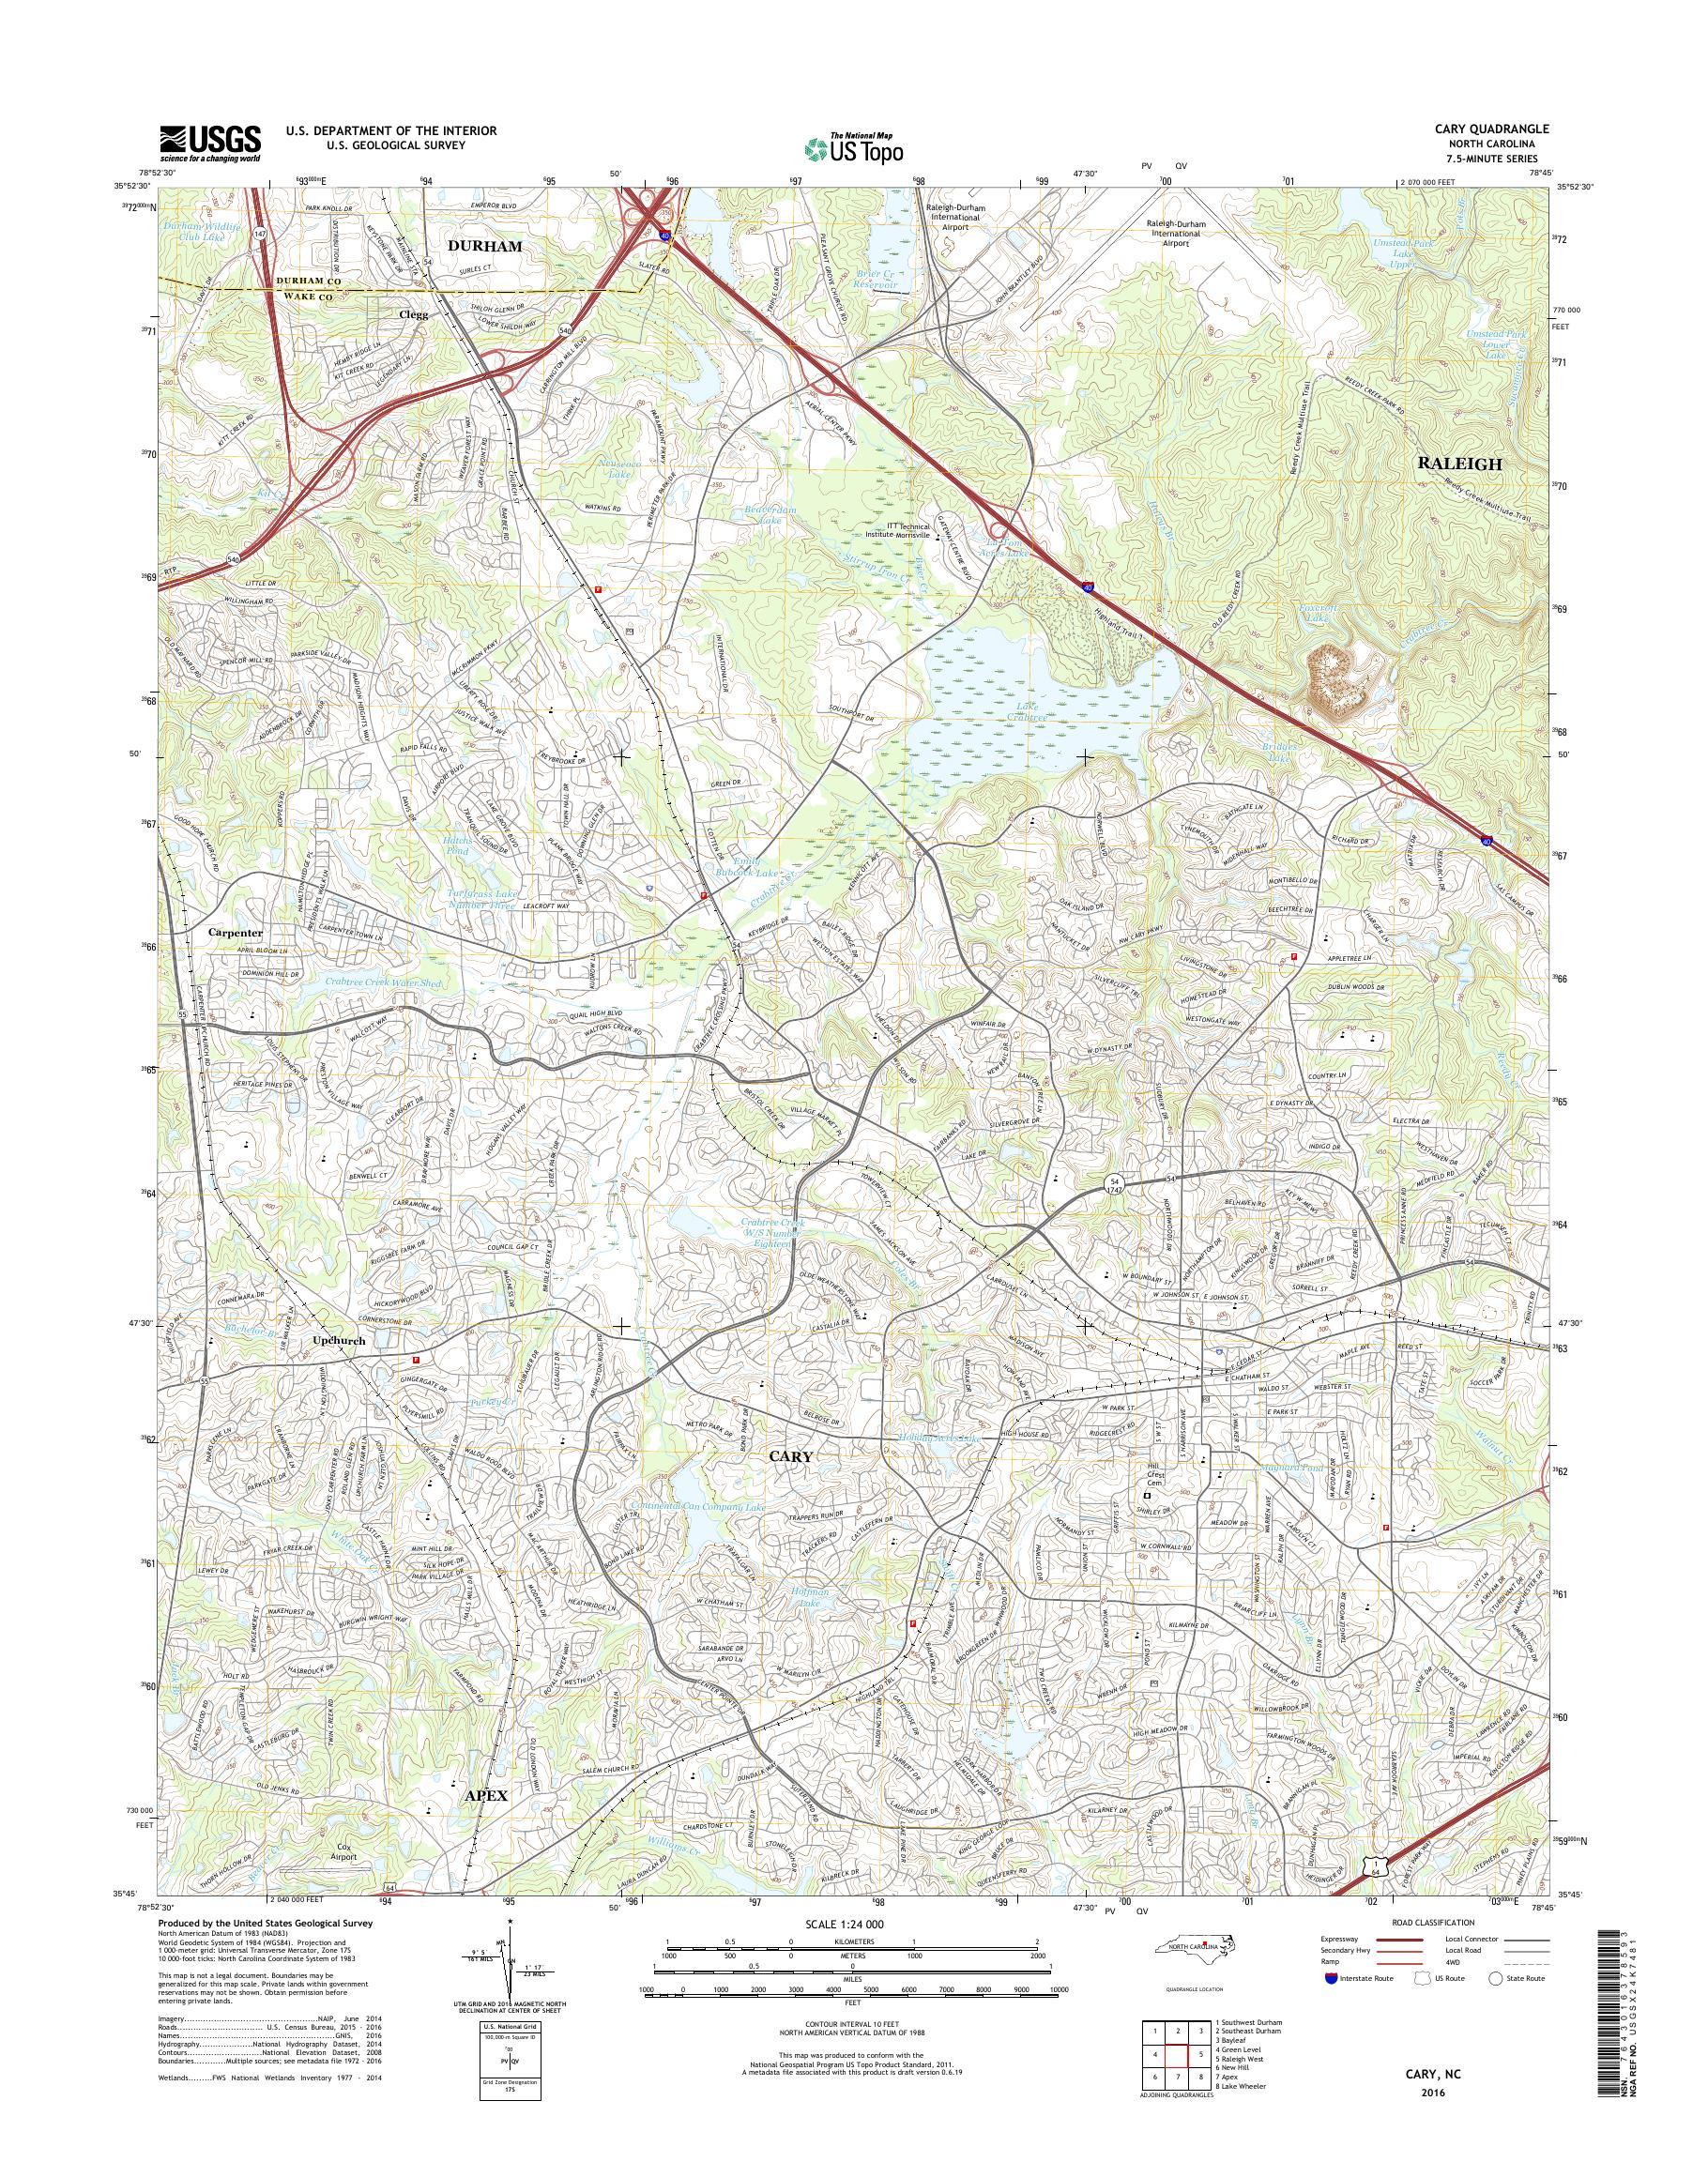 MyTopo Cary, North Carolina USGS Quad Topo Map on